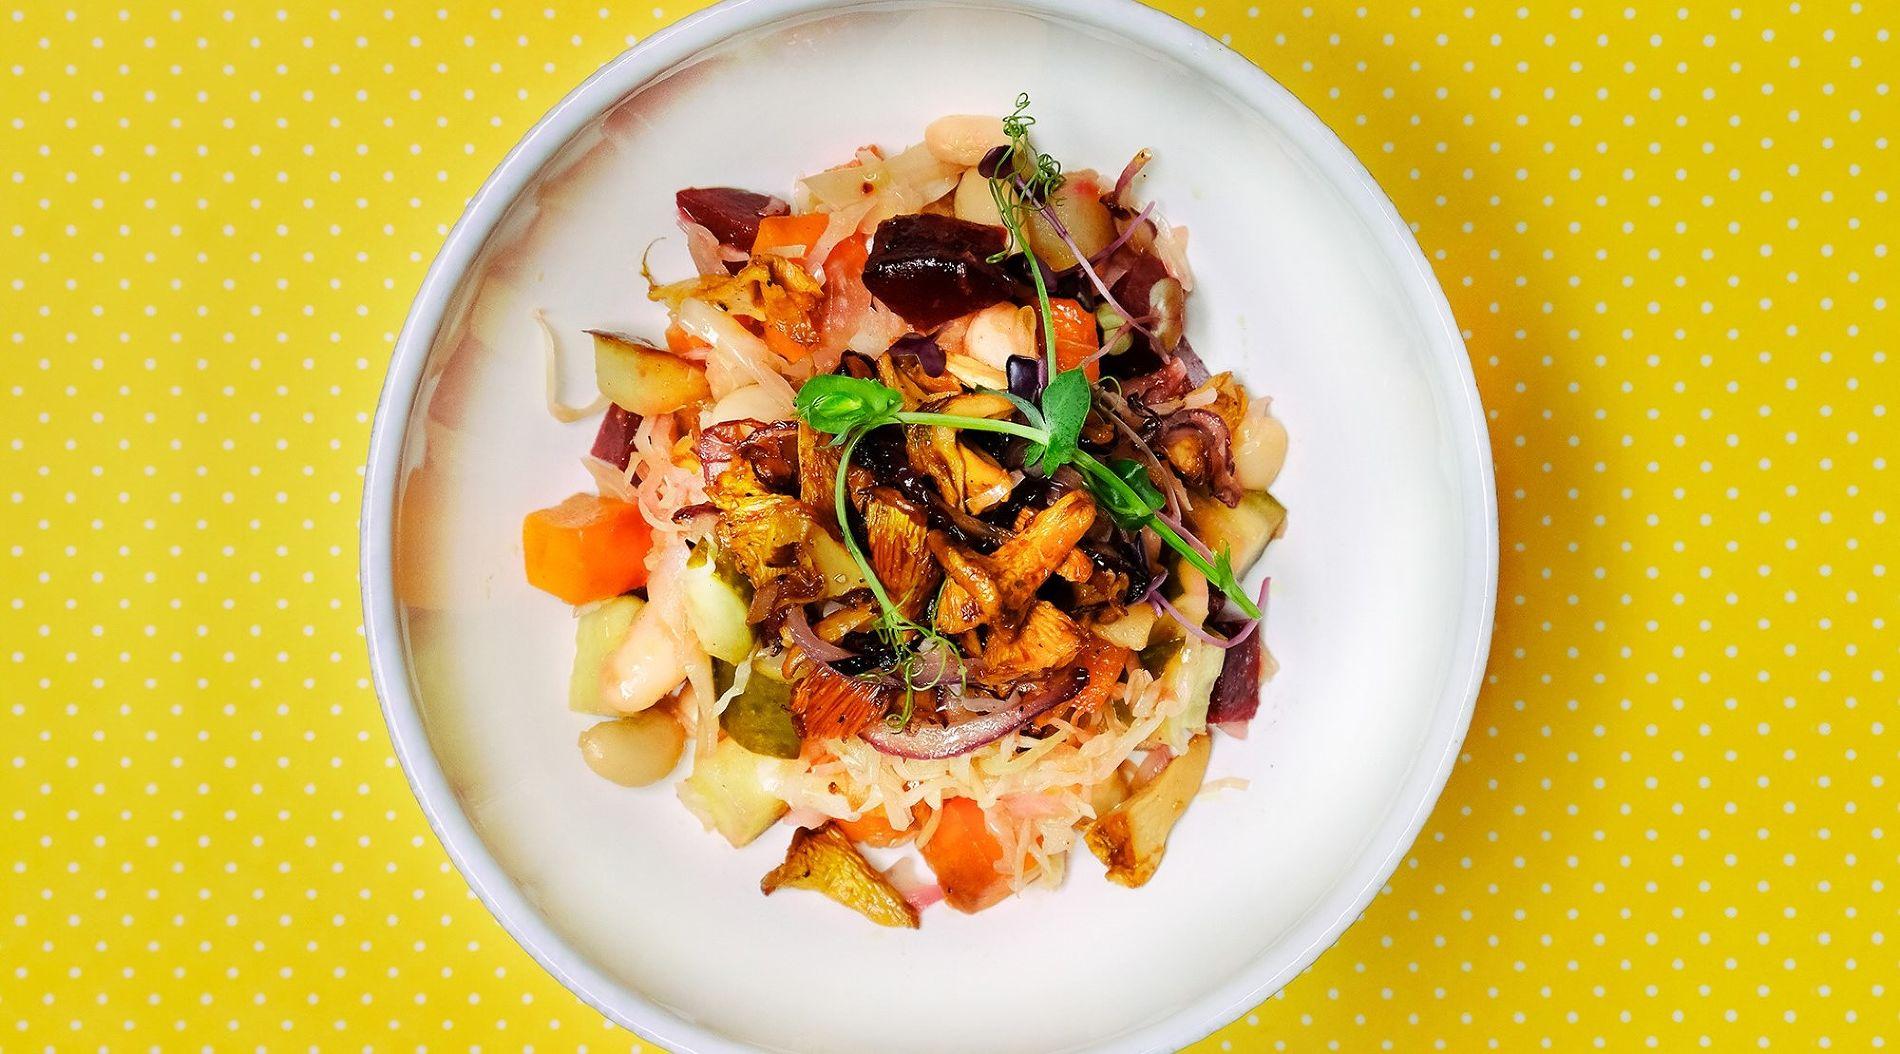 Винегрет из запеченных овощей с лисичками